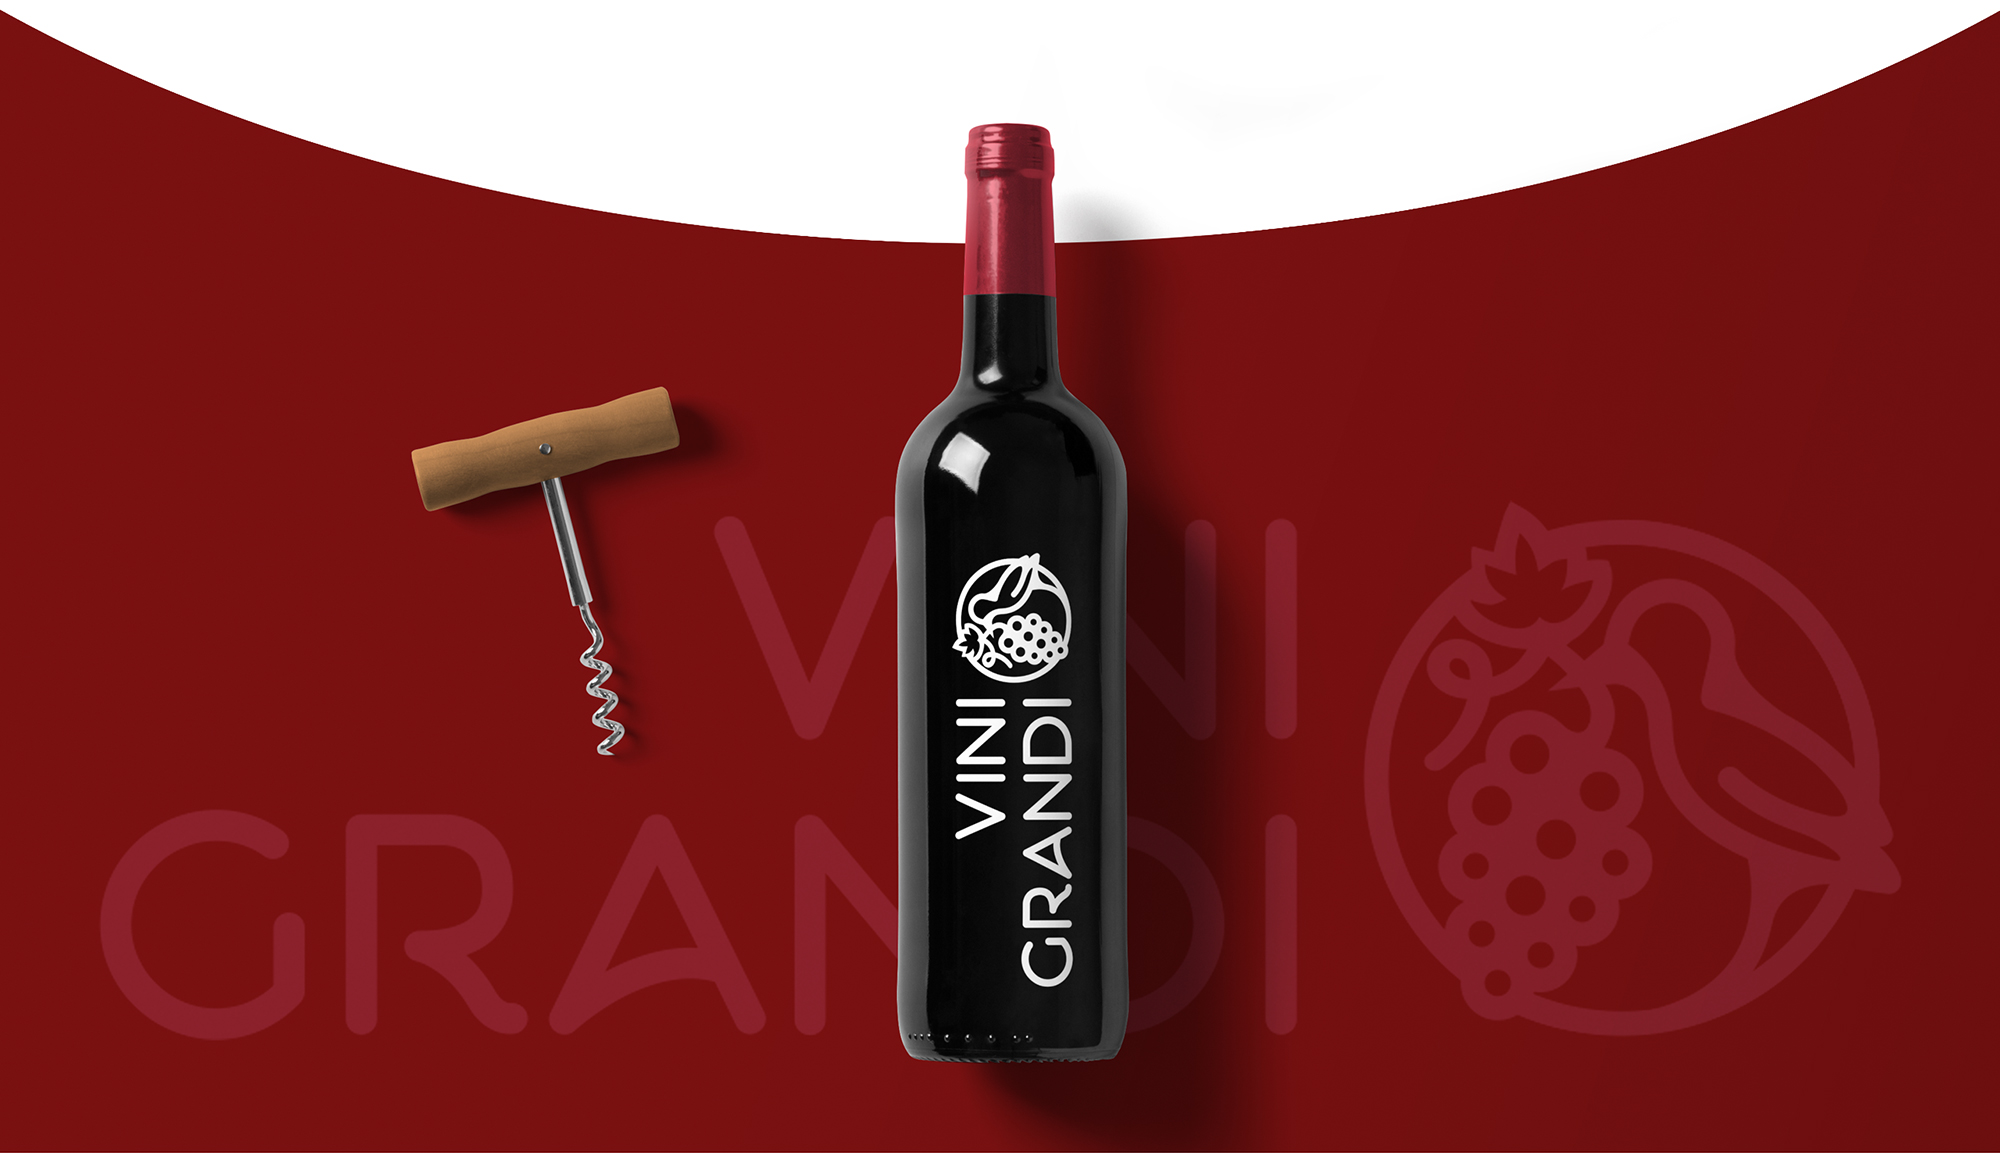 разработка дизайна фирменного стиля и логотипа для винного бутика